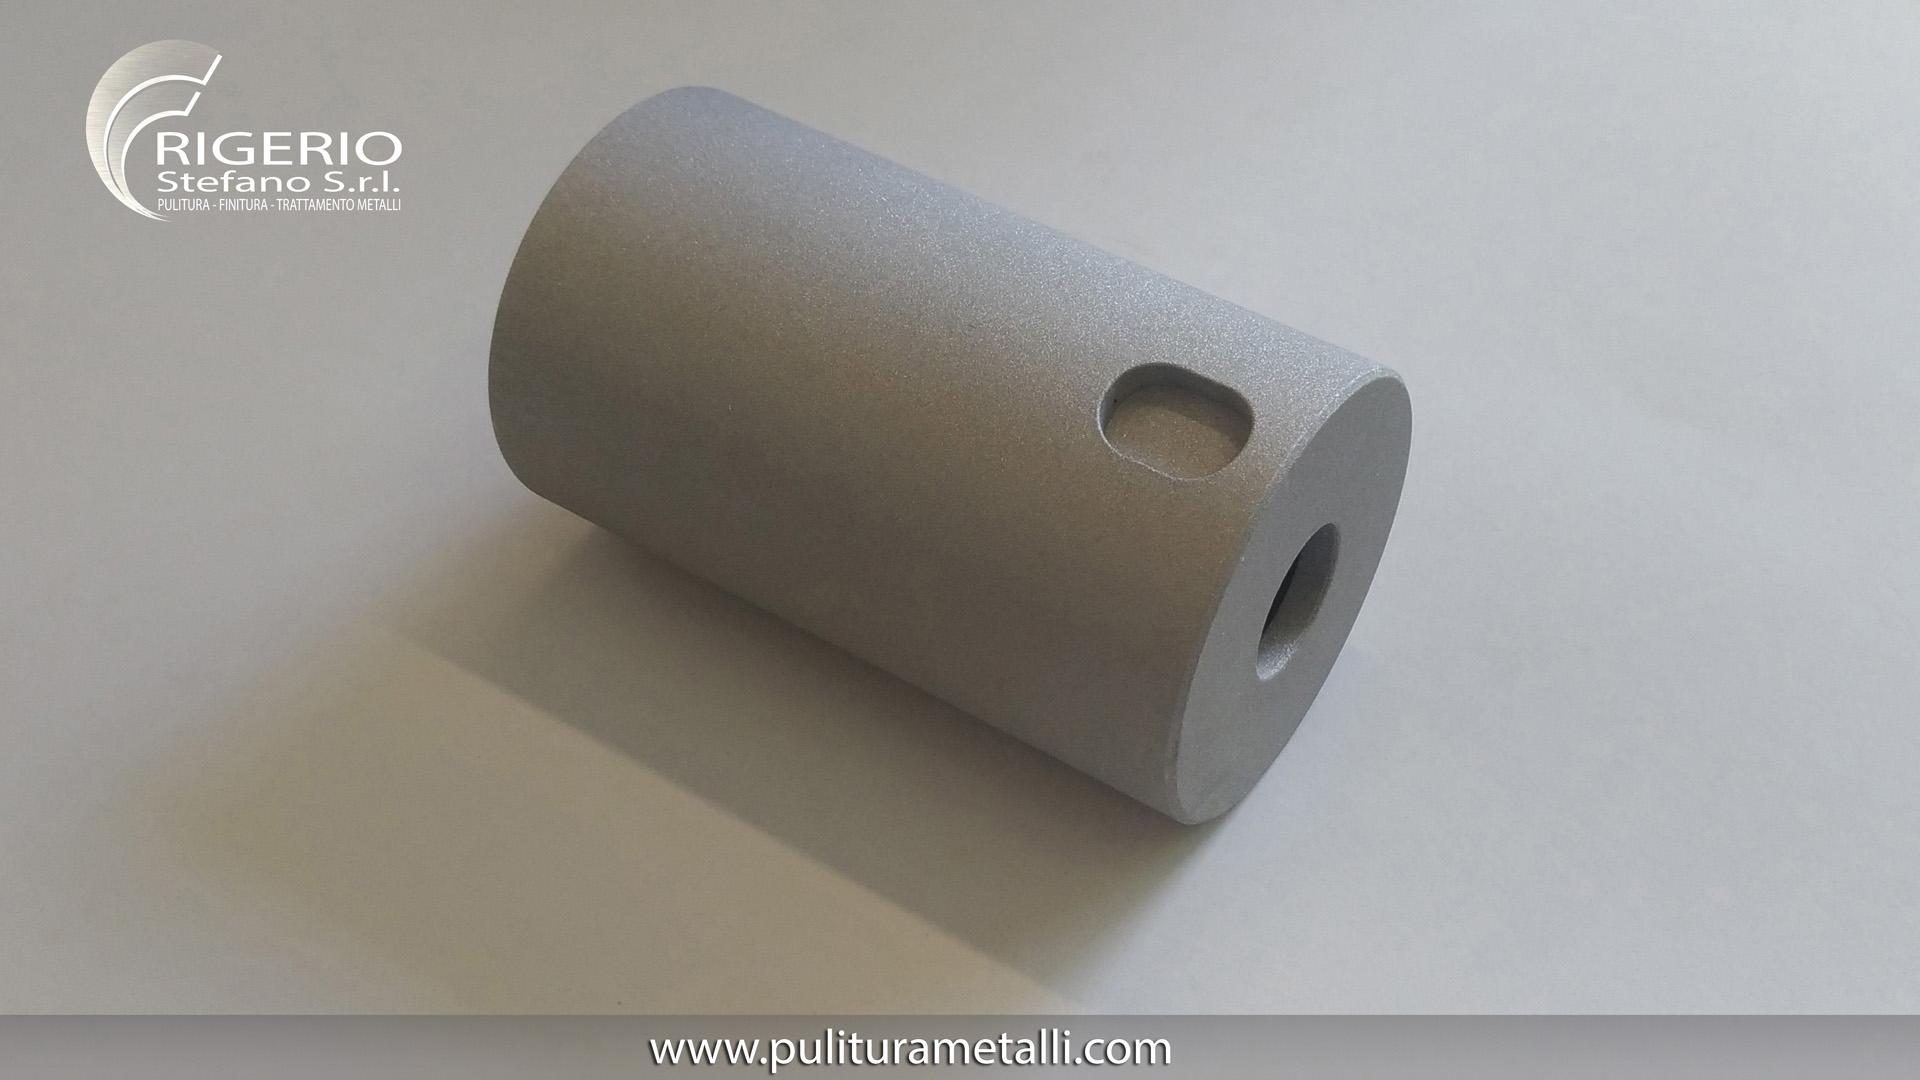 Pallinatura-Corindone - Lavorazione meccanica che conferisce al prodotto trattato un aspetto di rugosità uniforme e omogenea. Consiste nell'abrasione della superficie del metallo mediante un getto d'aria e sabbia (graniglia). La rugosità della superficie dopo sabbiatura dipende dalla pressione del getto, dal materiale e dimensione della graniglia utilizzata per l'abrasione. Viene effettuata usando microgranuli-polvere-sabbia di corindone. Il corindone è un minerale (ossido di alluminio) di elevata durezza e resistenza alle alterazioni. Utilizzato industrialmente per la preparazione di abrasivi. E' presente in varietà gemmologiche. (Smeriglio, Rubino, Zaffiro, …). Frigerio s.r.l. Pulitura – Finitura – Trattamento Metalli www.puliturametalli.com Una gamma completa di lavorazioni per i metalli. #Lucidatura #Smerigliatura #Satinatura #Sabbiatura #Pallinatura #magnetoscopio #qualità #criogenico #pulitura #metalli #puliturametalli #finiturametalli #trattamento #trattamenti ================================== Graphics & Movie edited by www.pigikappa.com